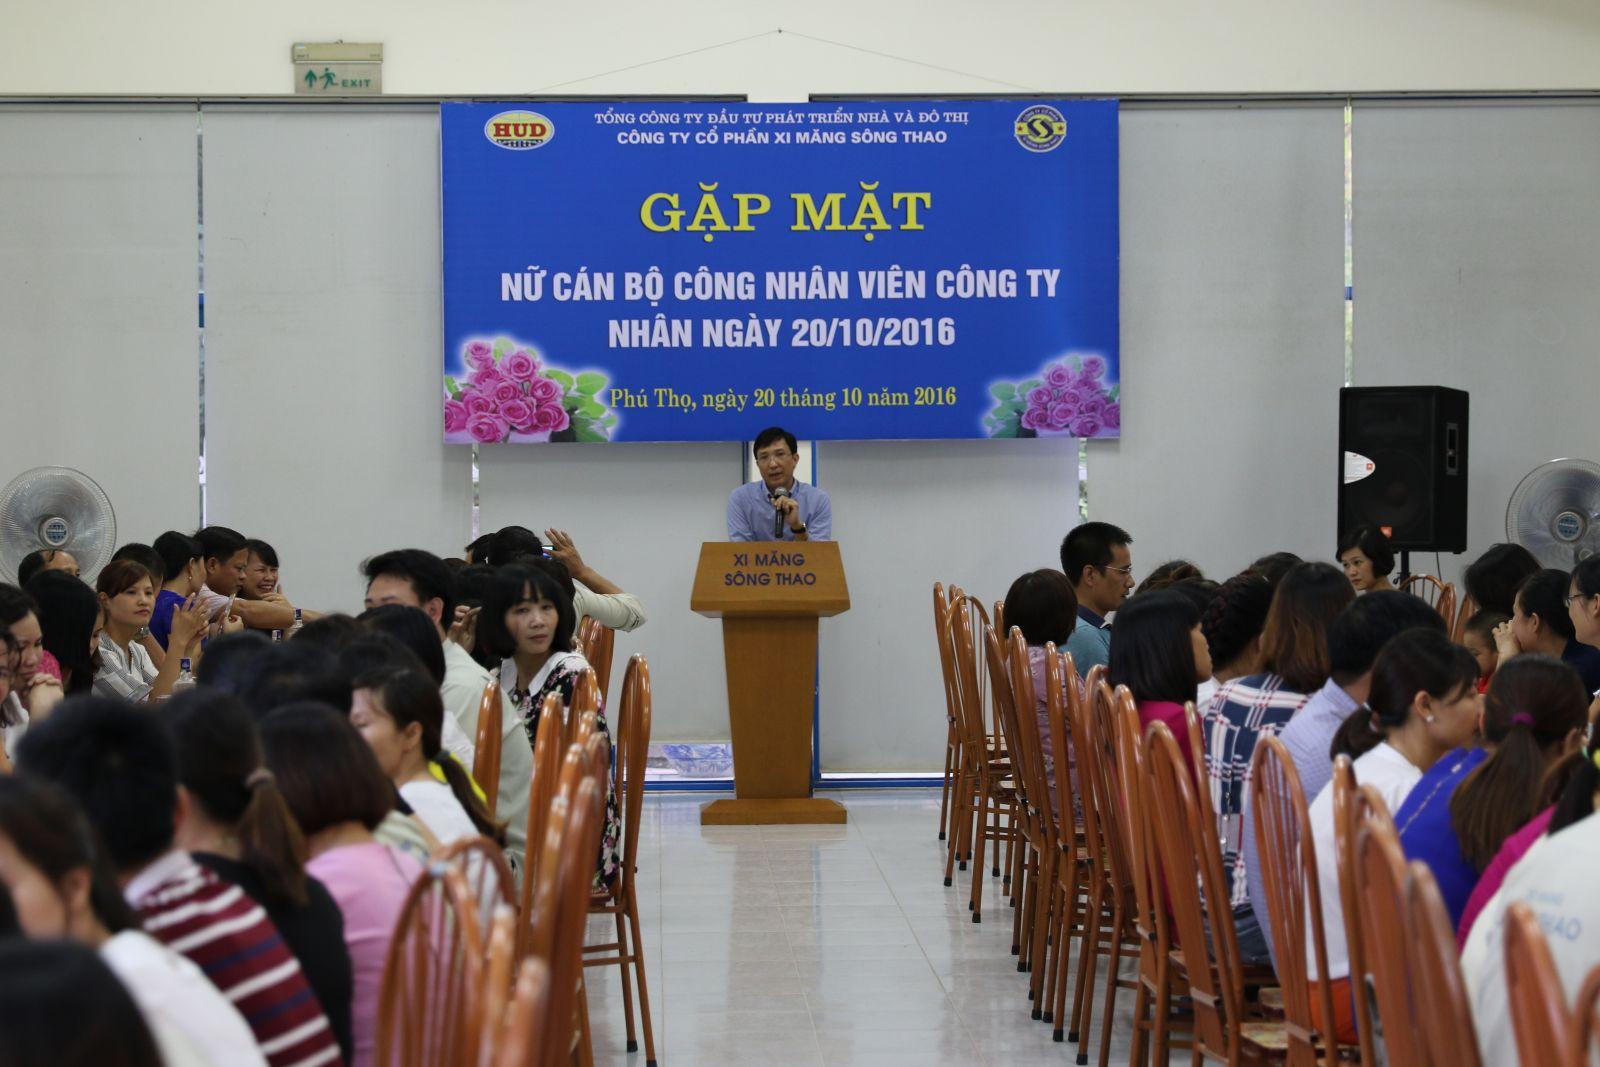 Gặp mặt Nữ CBCNV nhân dịp Kỷ niệm Ngày thành lập Hội LHPN Việt Nam